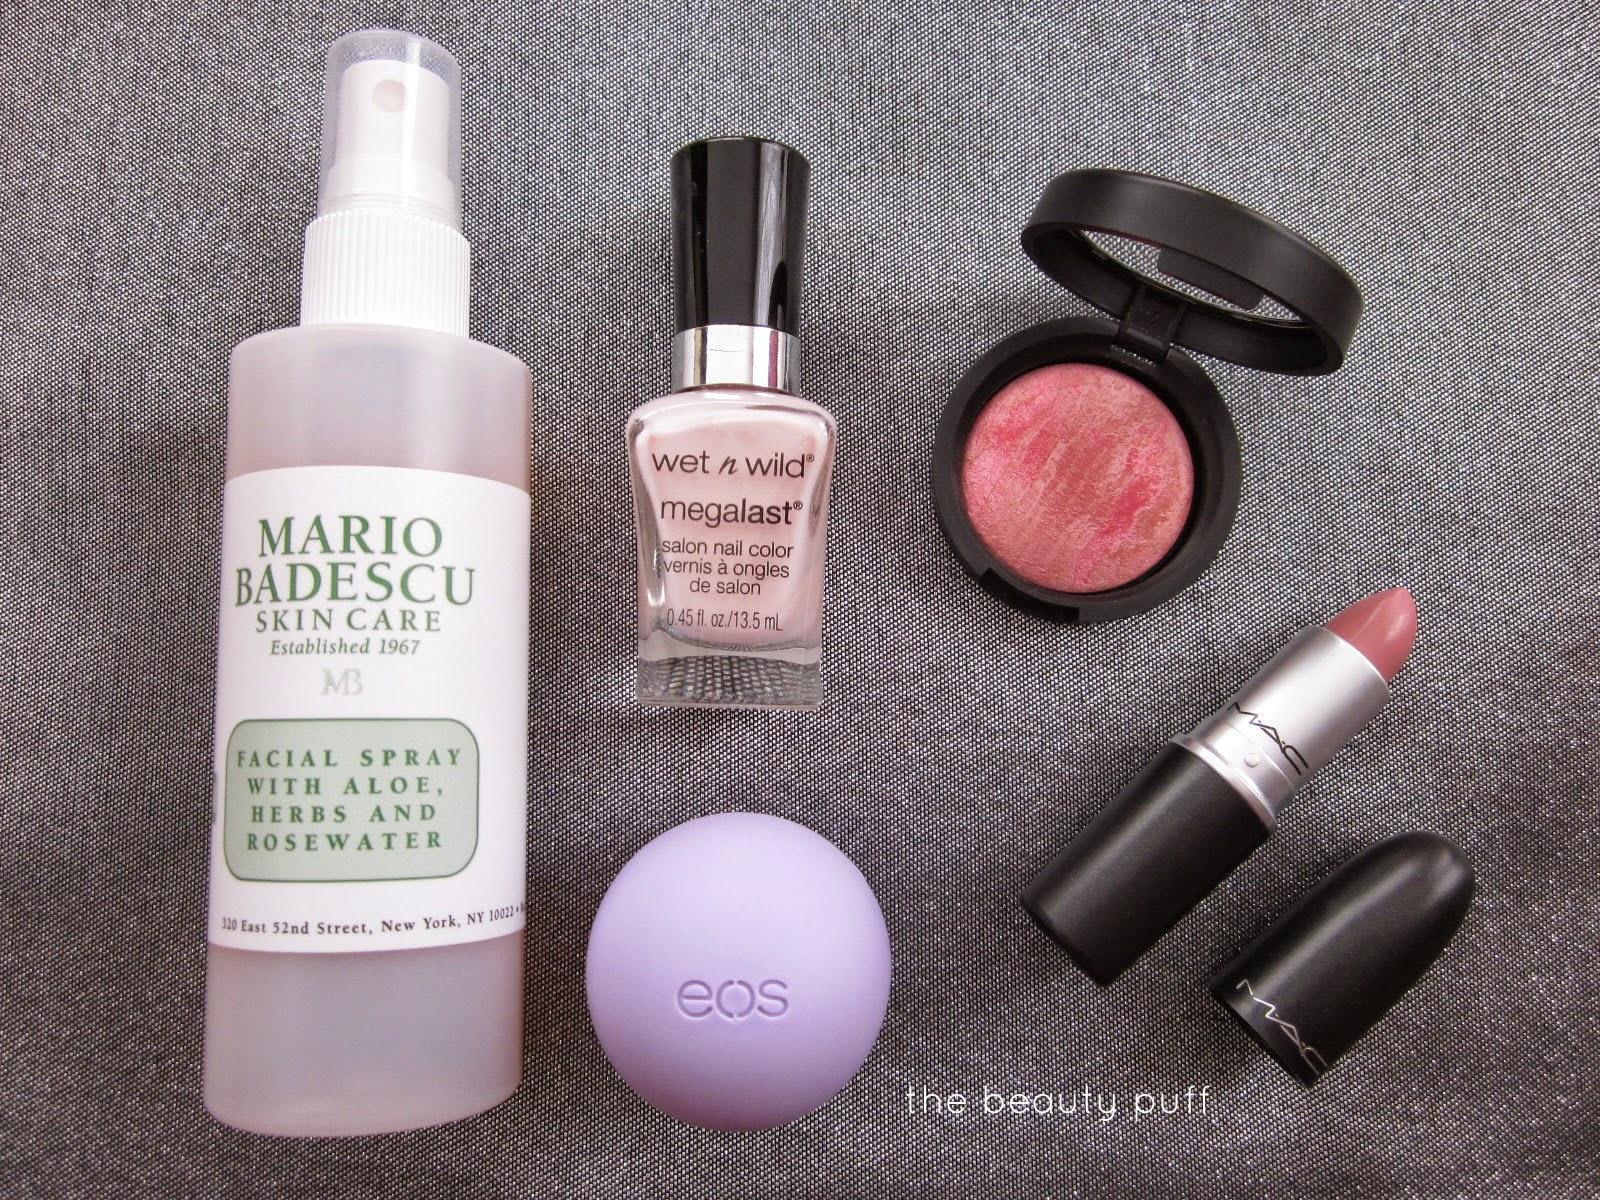 mario badescu facial spray - the beauty puff